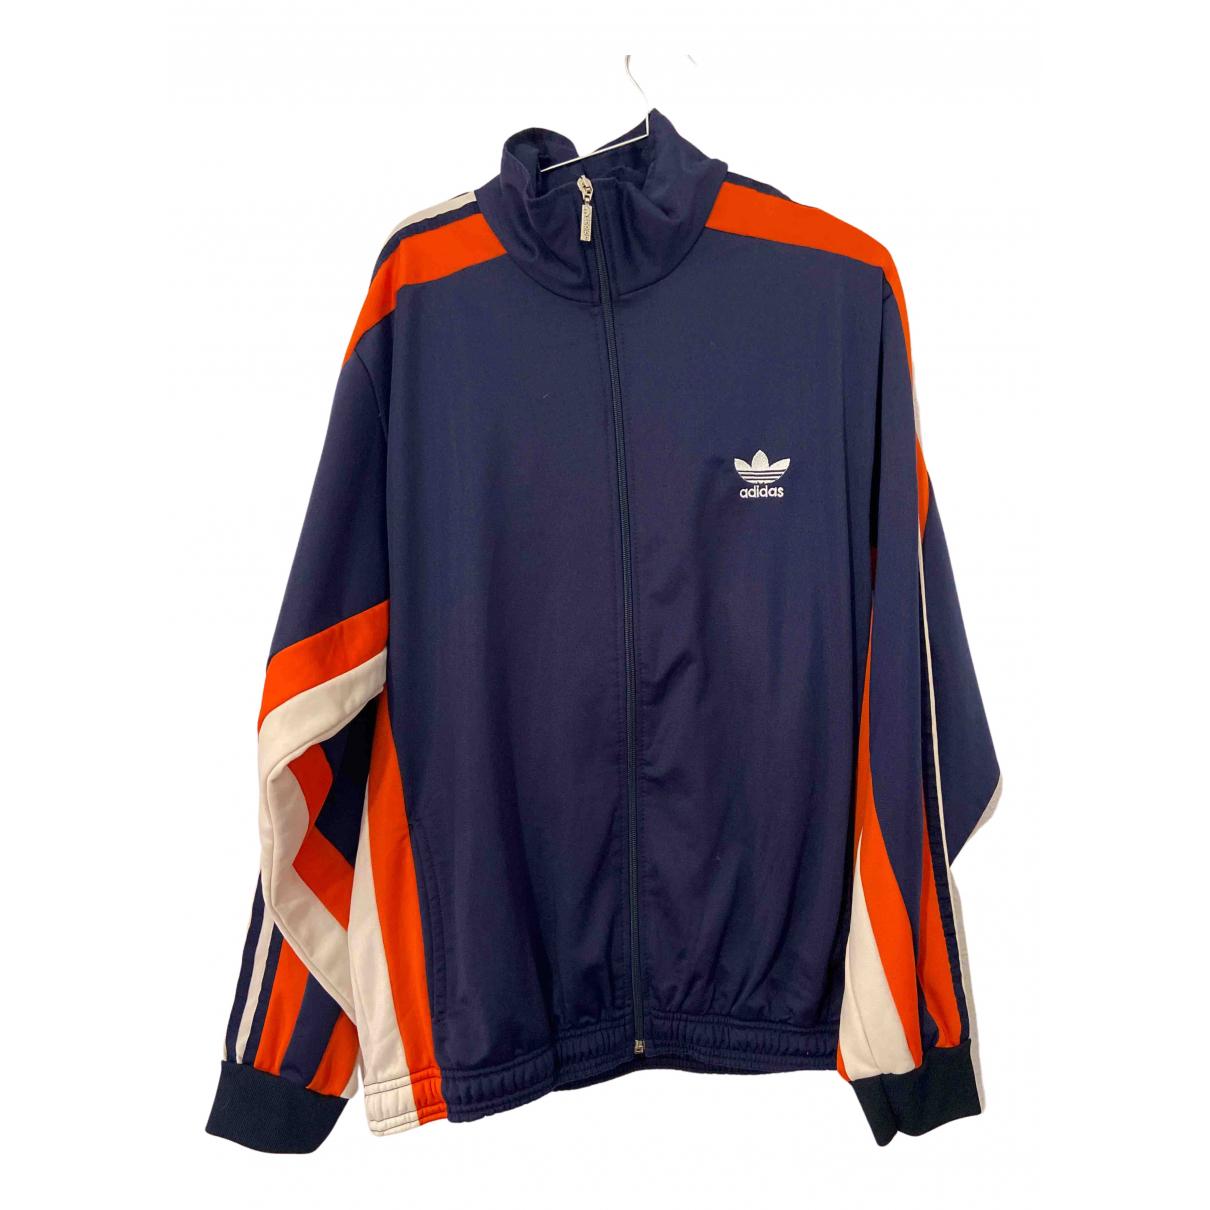 Adidas N Blue Knitwear & Sweatshirts for Men L International